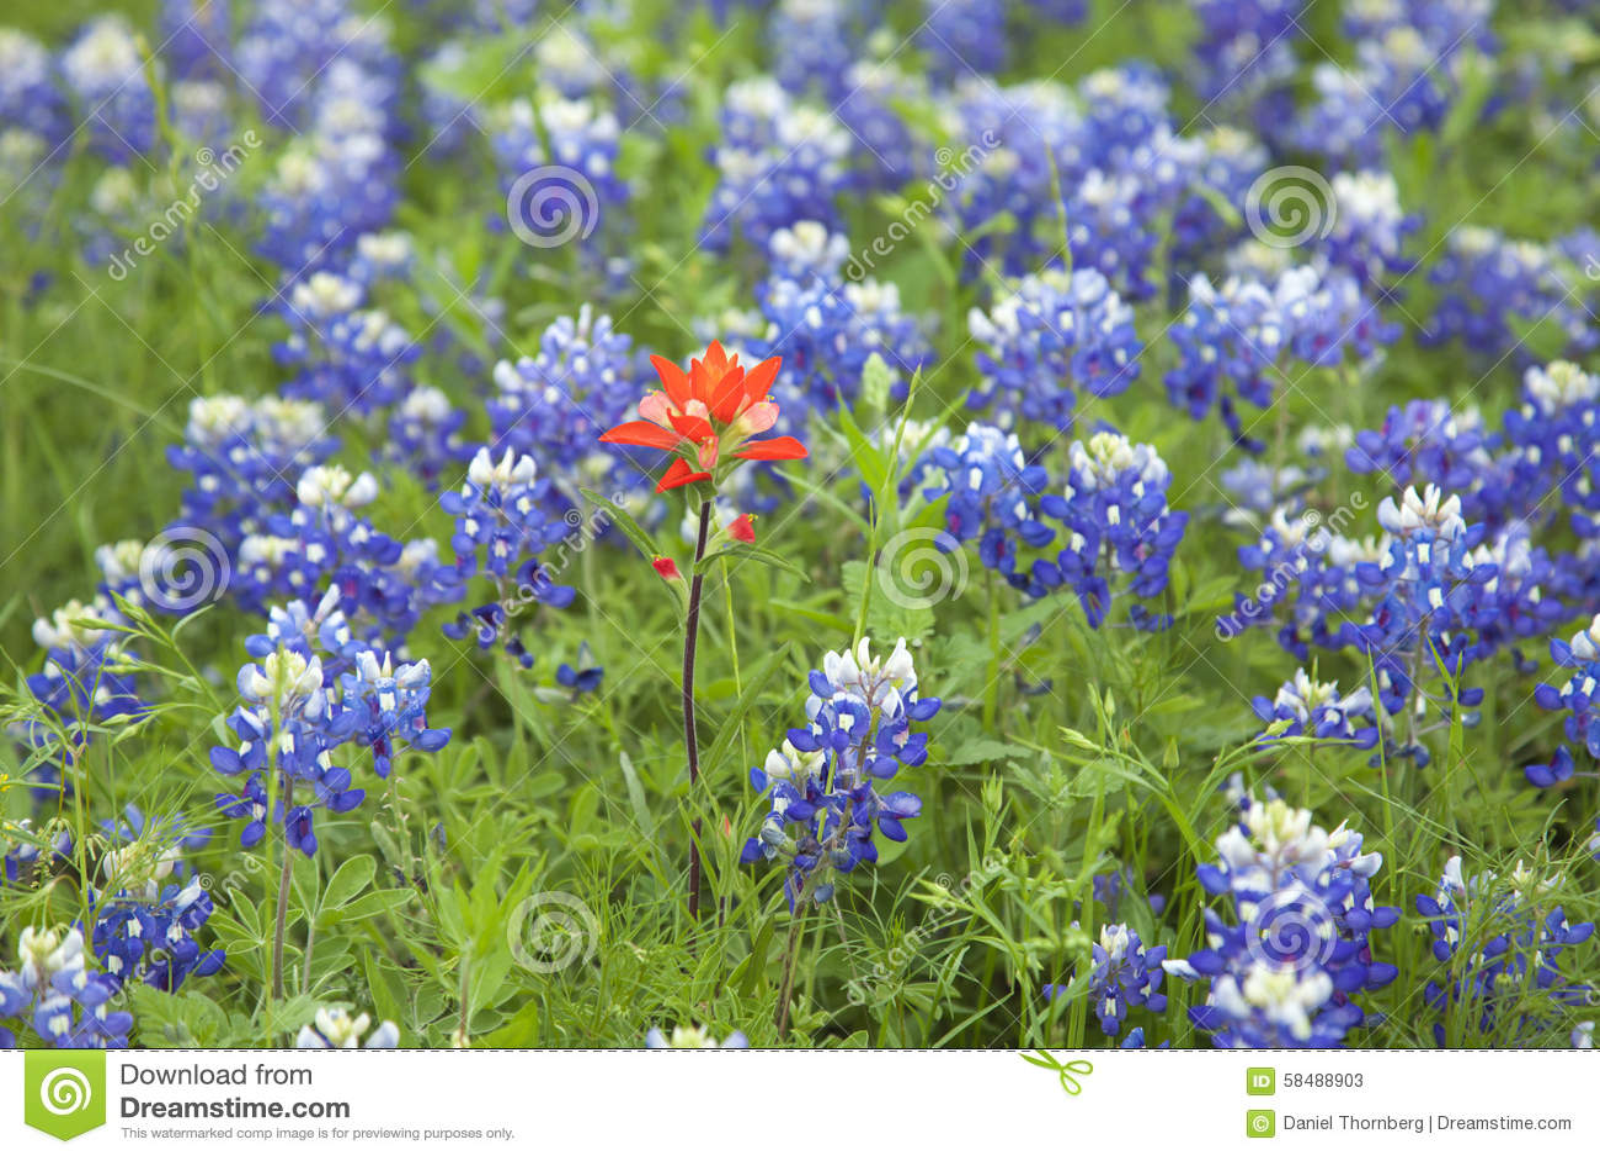 Flor do pincel indiano entre Texas Bluebonnets